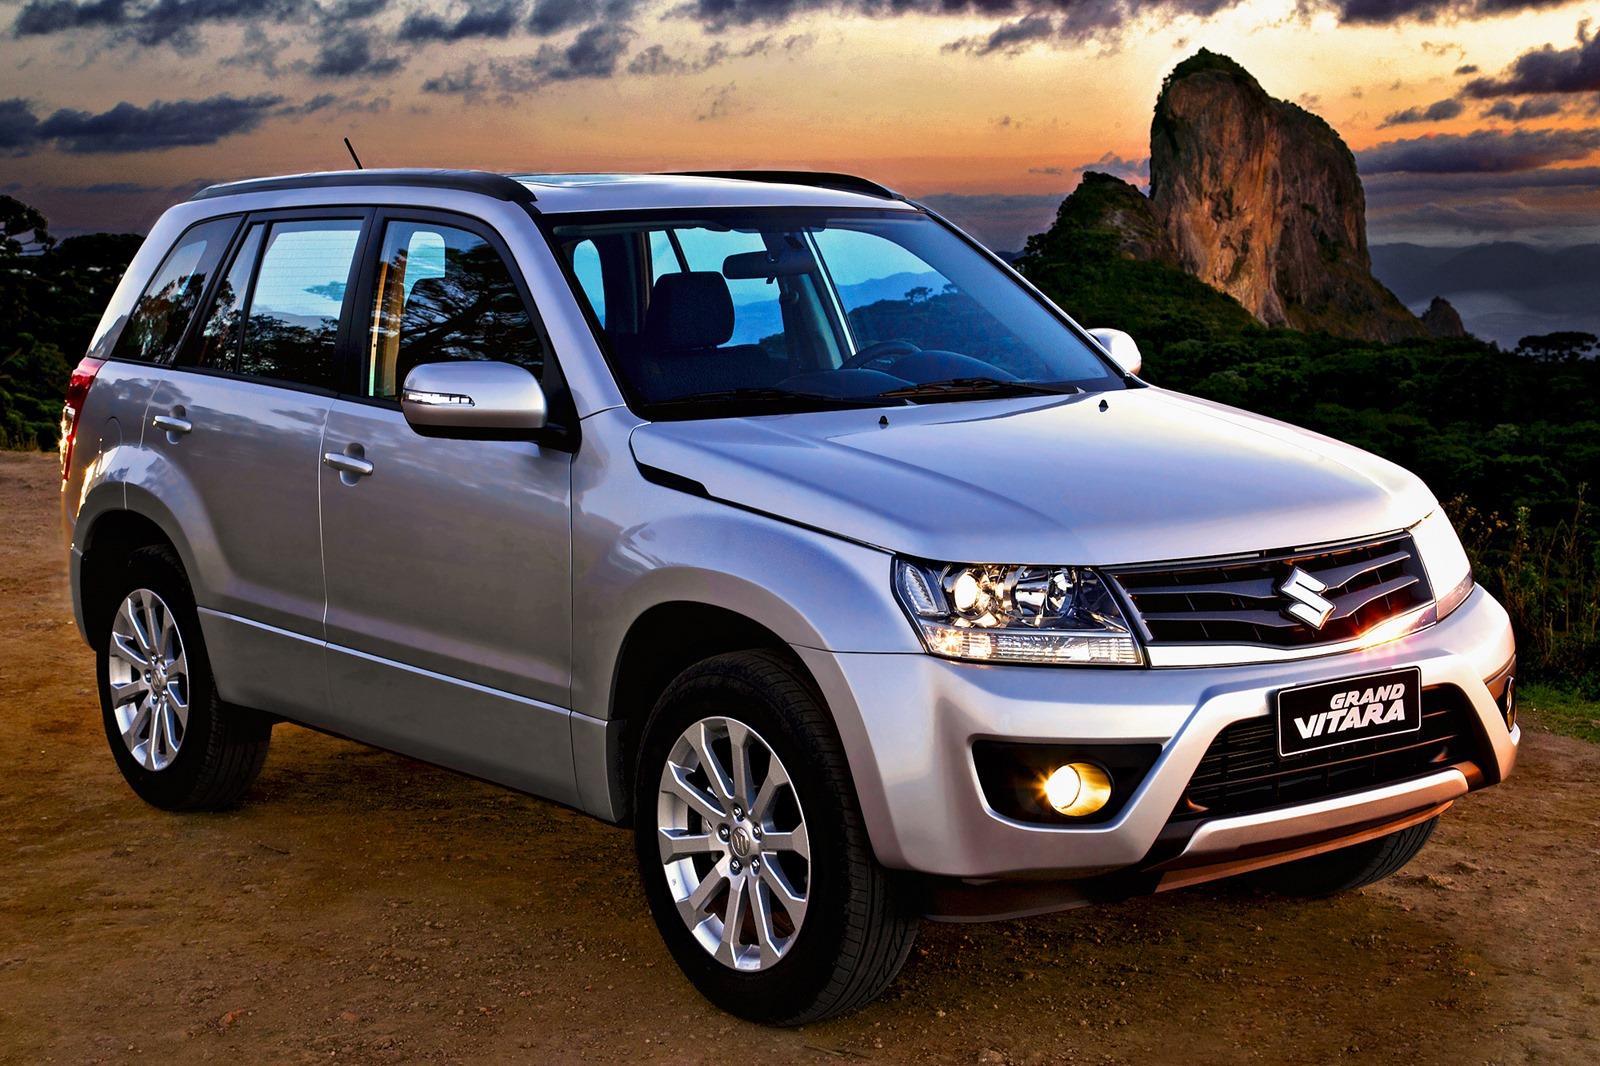 novo Suzuki Grand Vitara 2014 dianteira